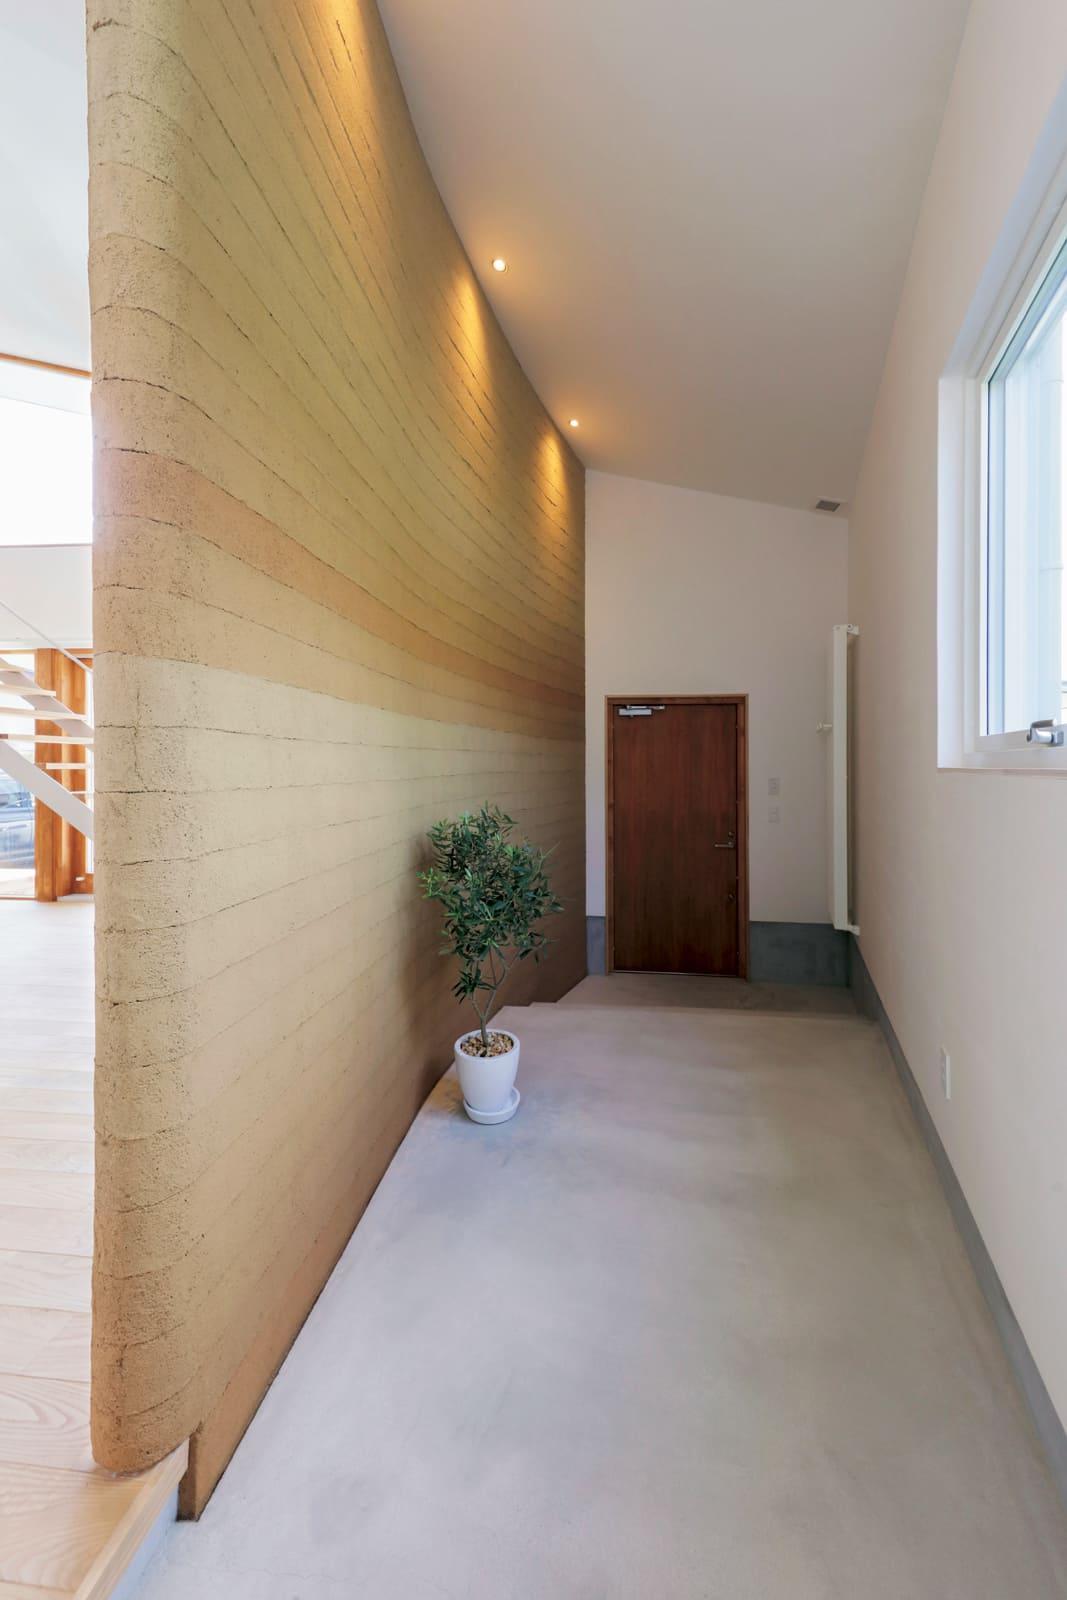 リビングと玄関の土間スペースの間仕切りも土壁で。部屋に入る前に気持ちをリセットできる空間